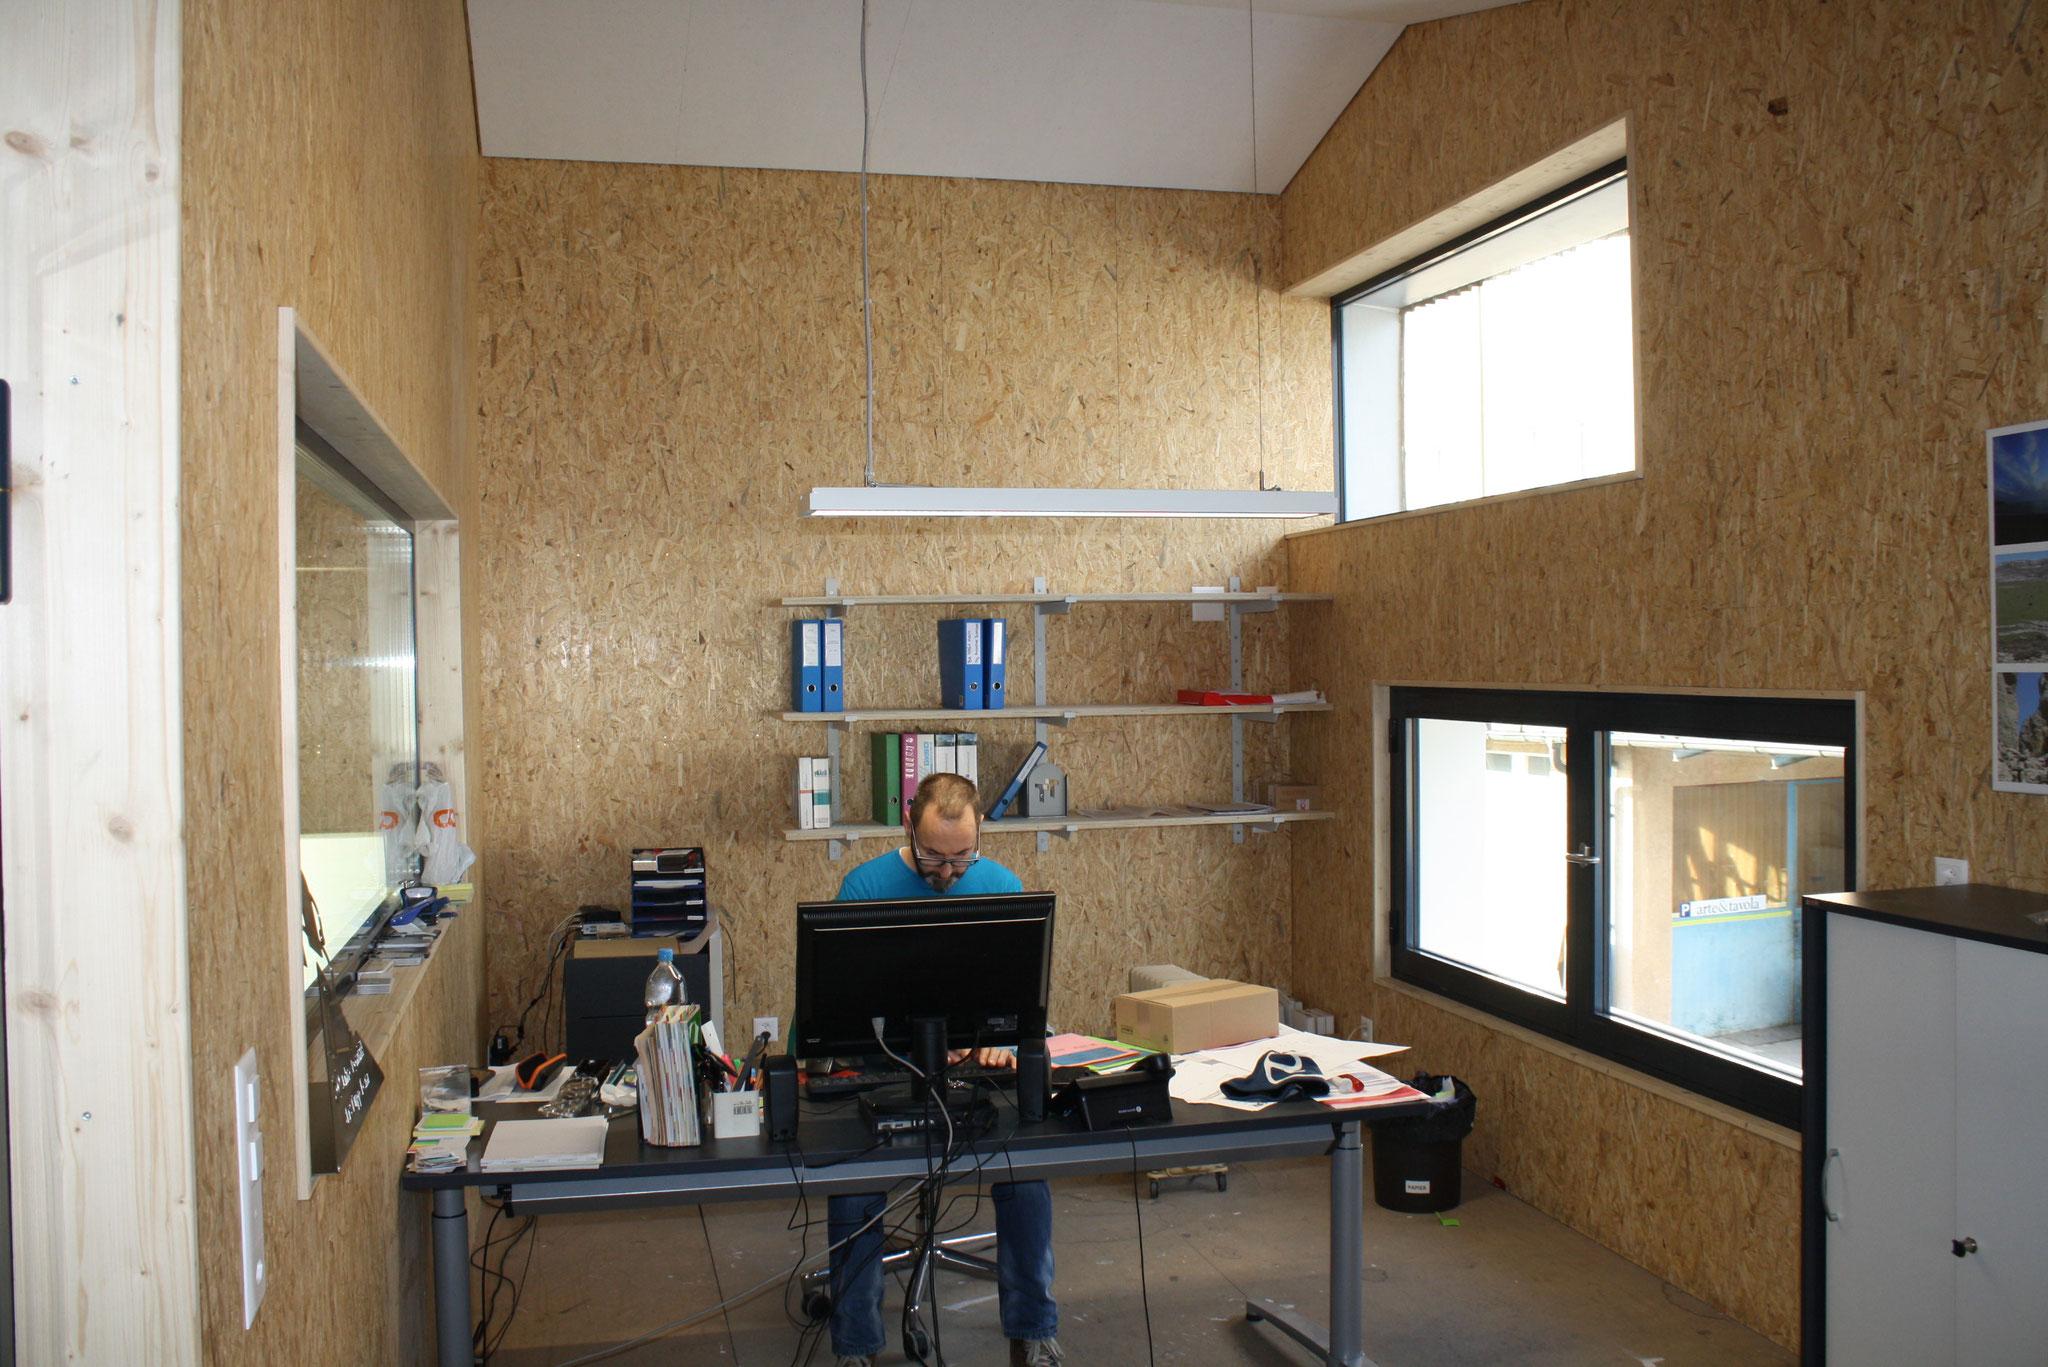 Büro-Umbau Rupp Metalltrend, Fahrwangen